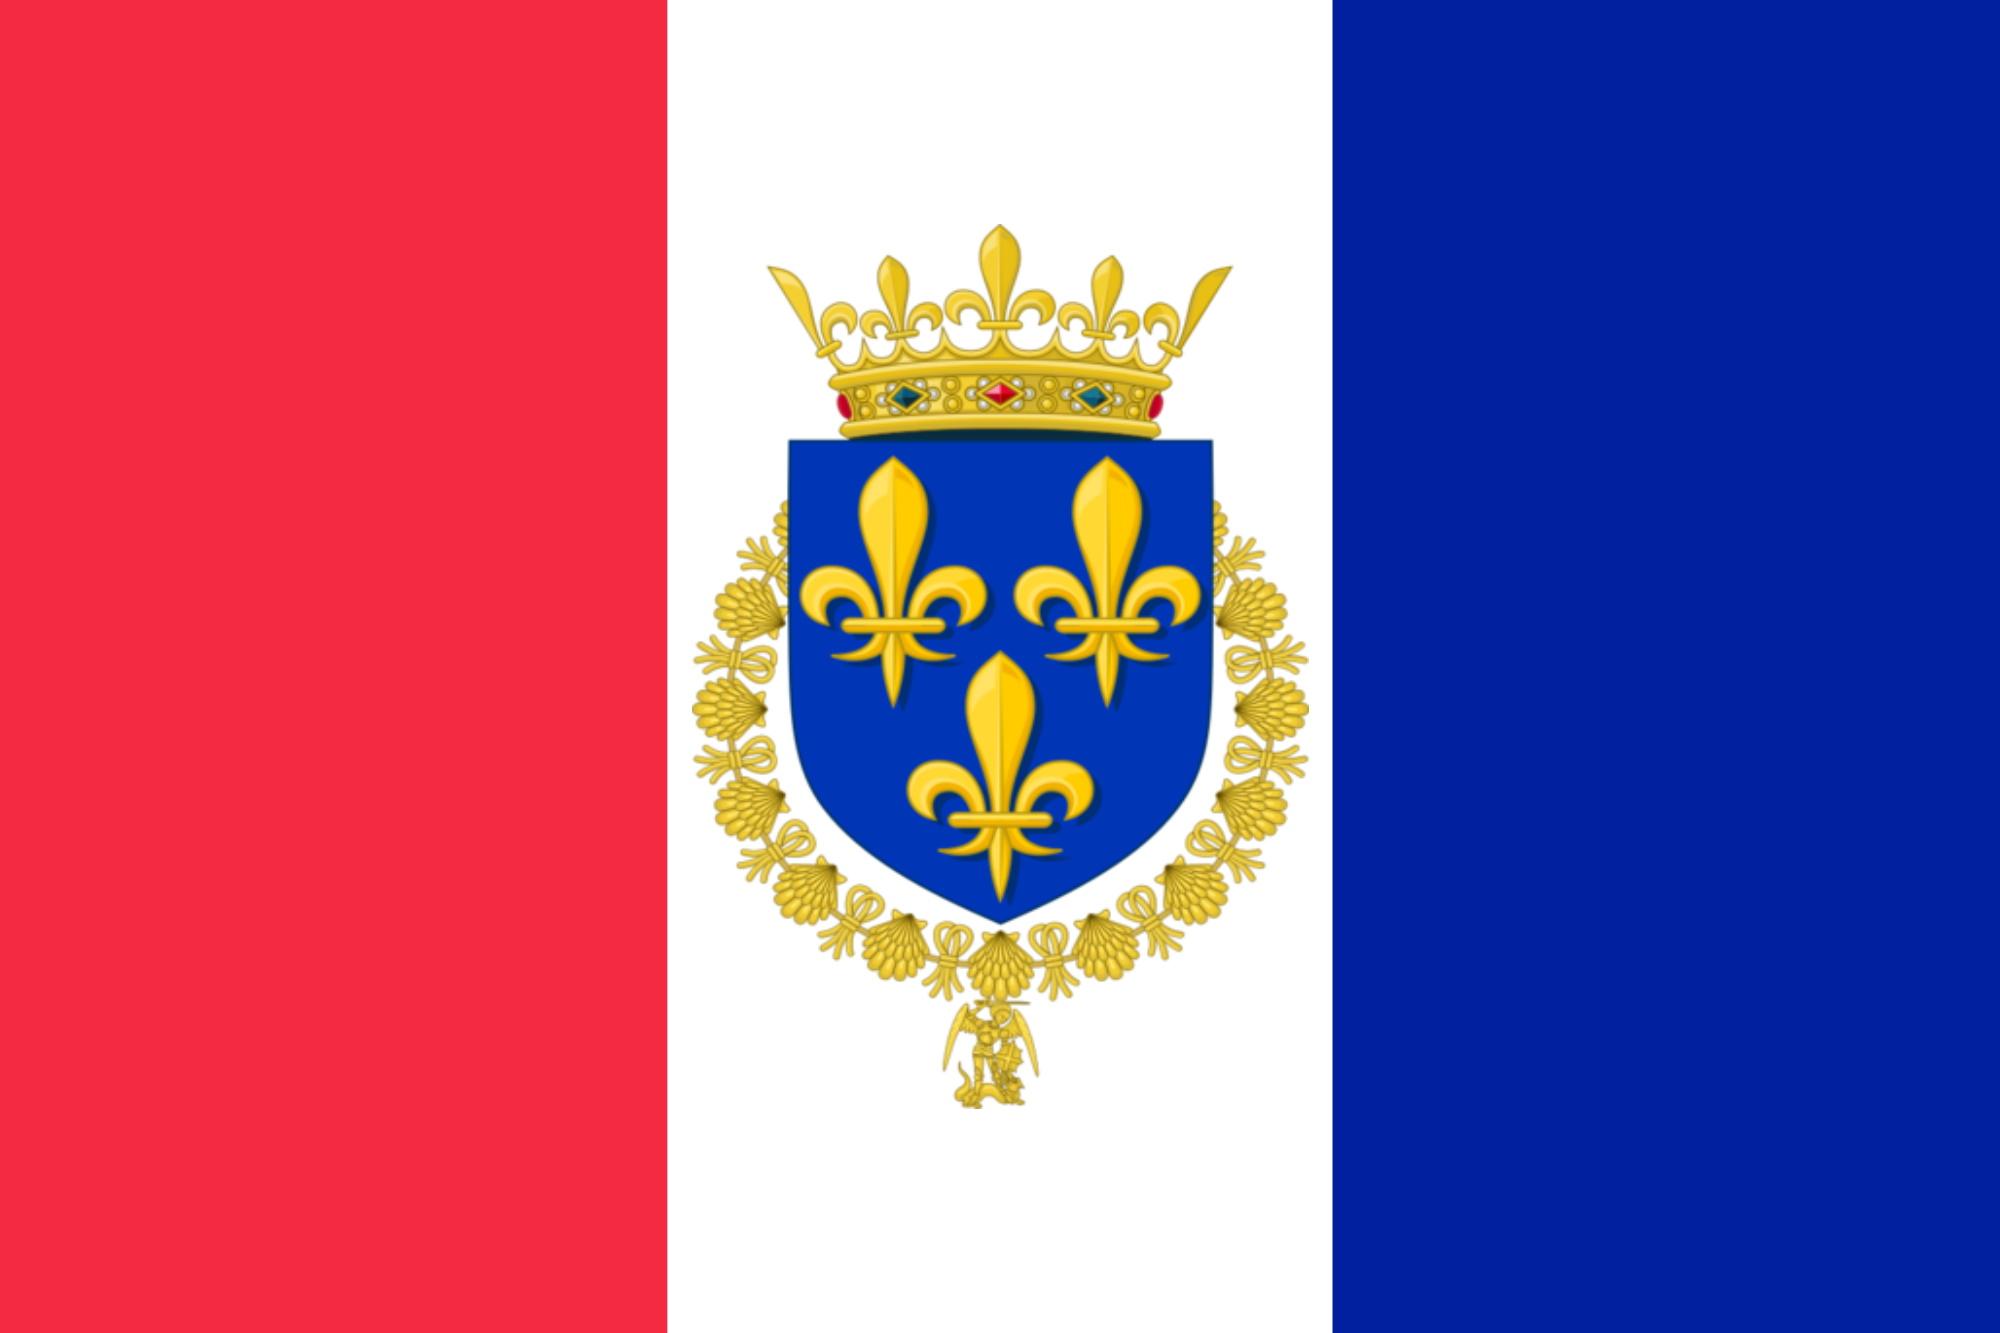 East France (1983 - 1988) (Wiser Kaiser)